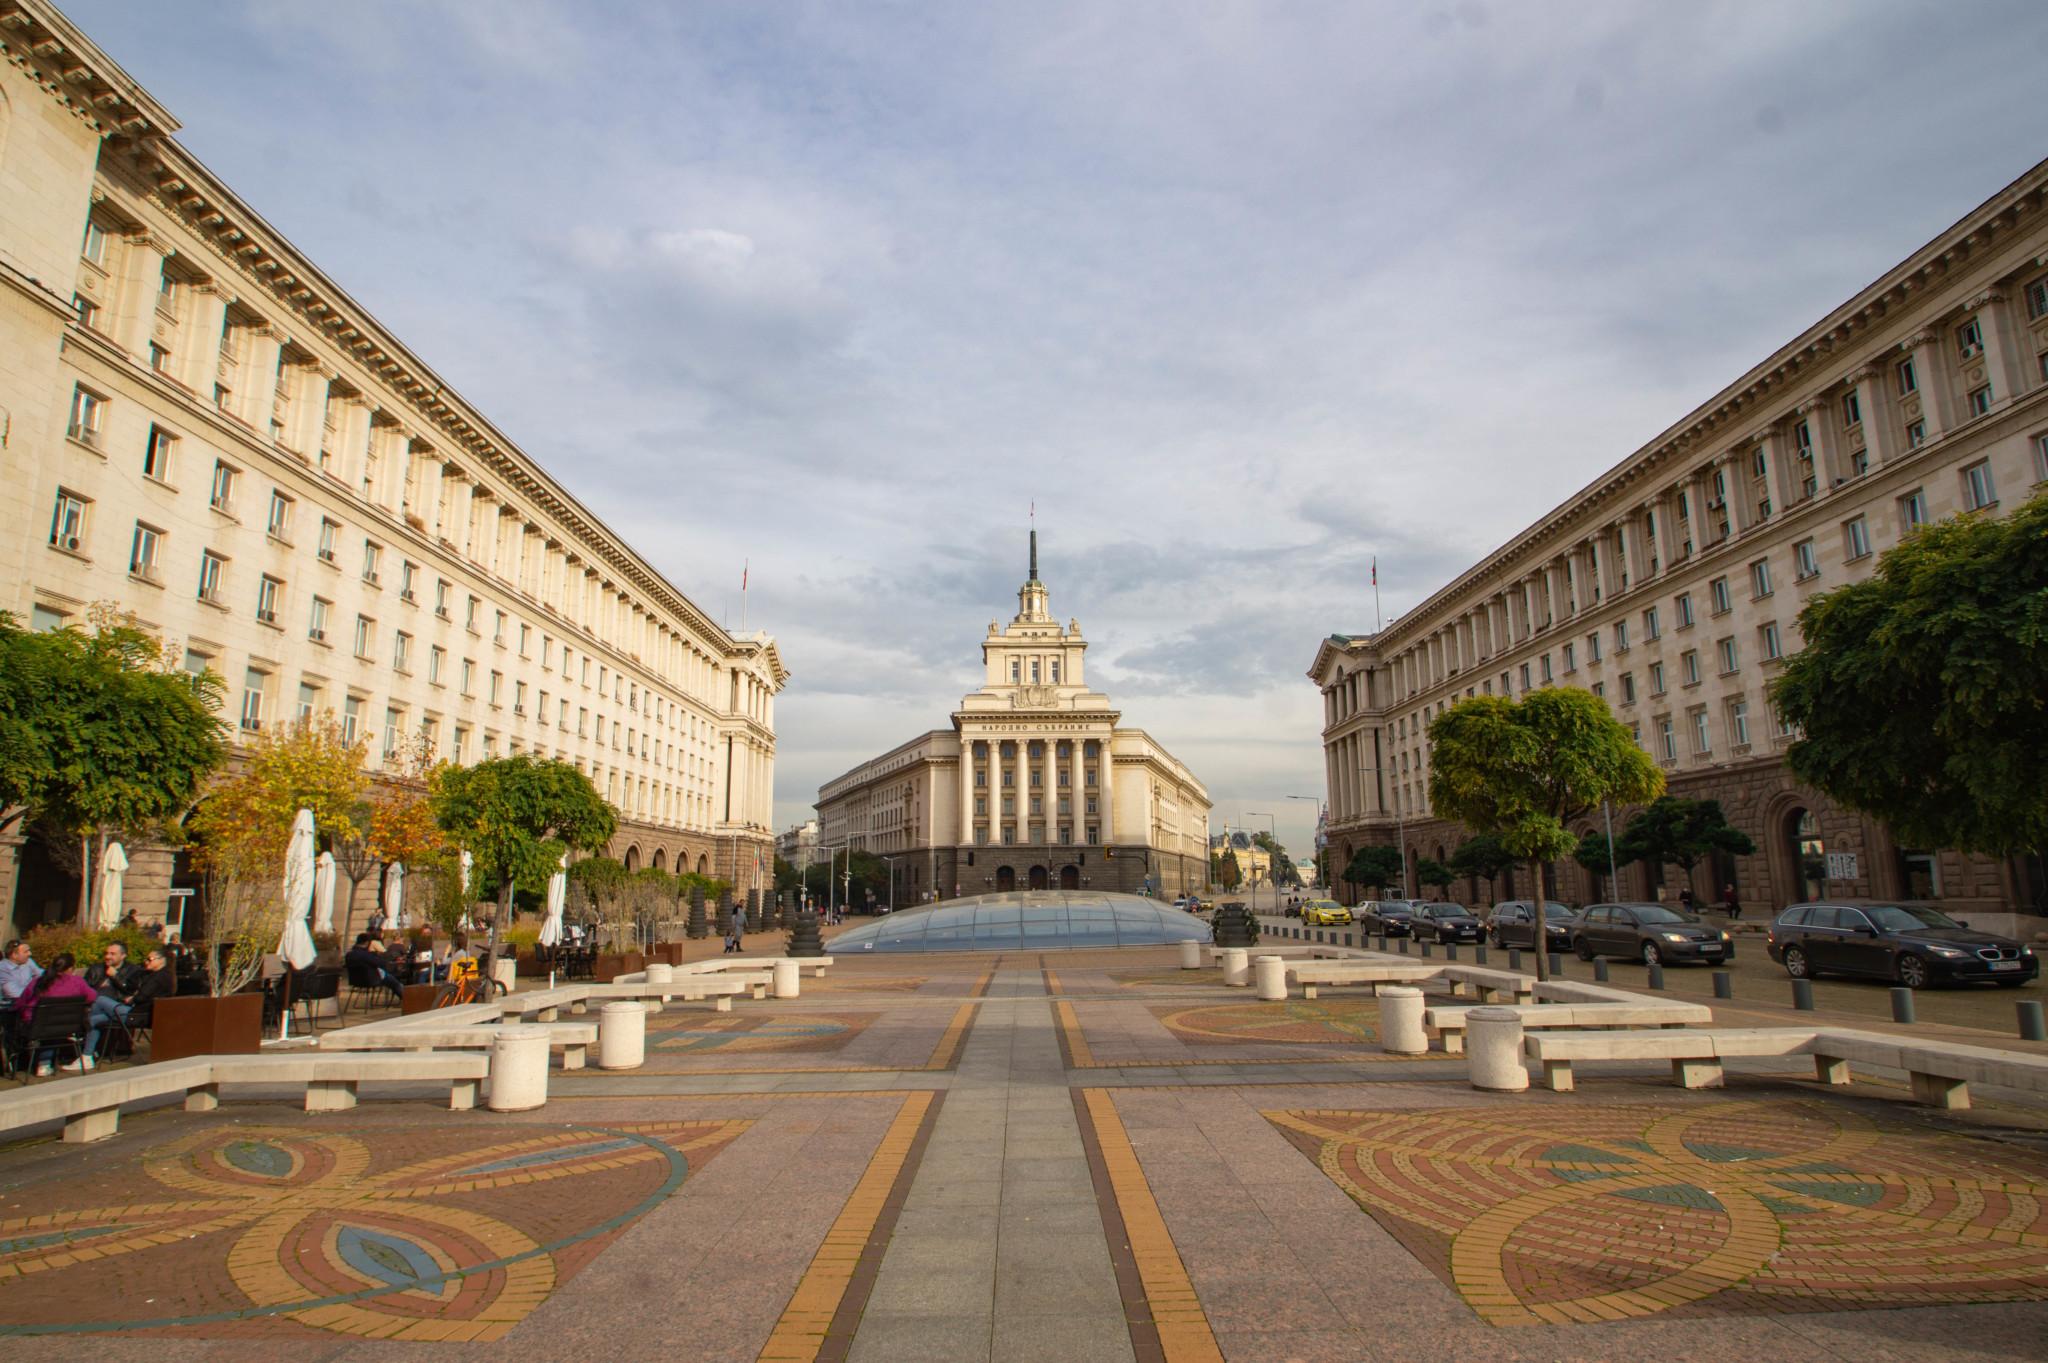 Zu unseren Sofia Tipps gehören auch die schönsten Touren in der bulgarischen Hauptstadt